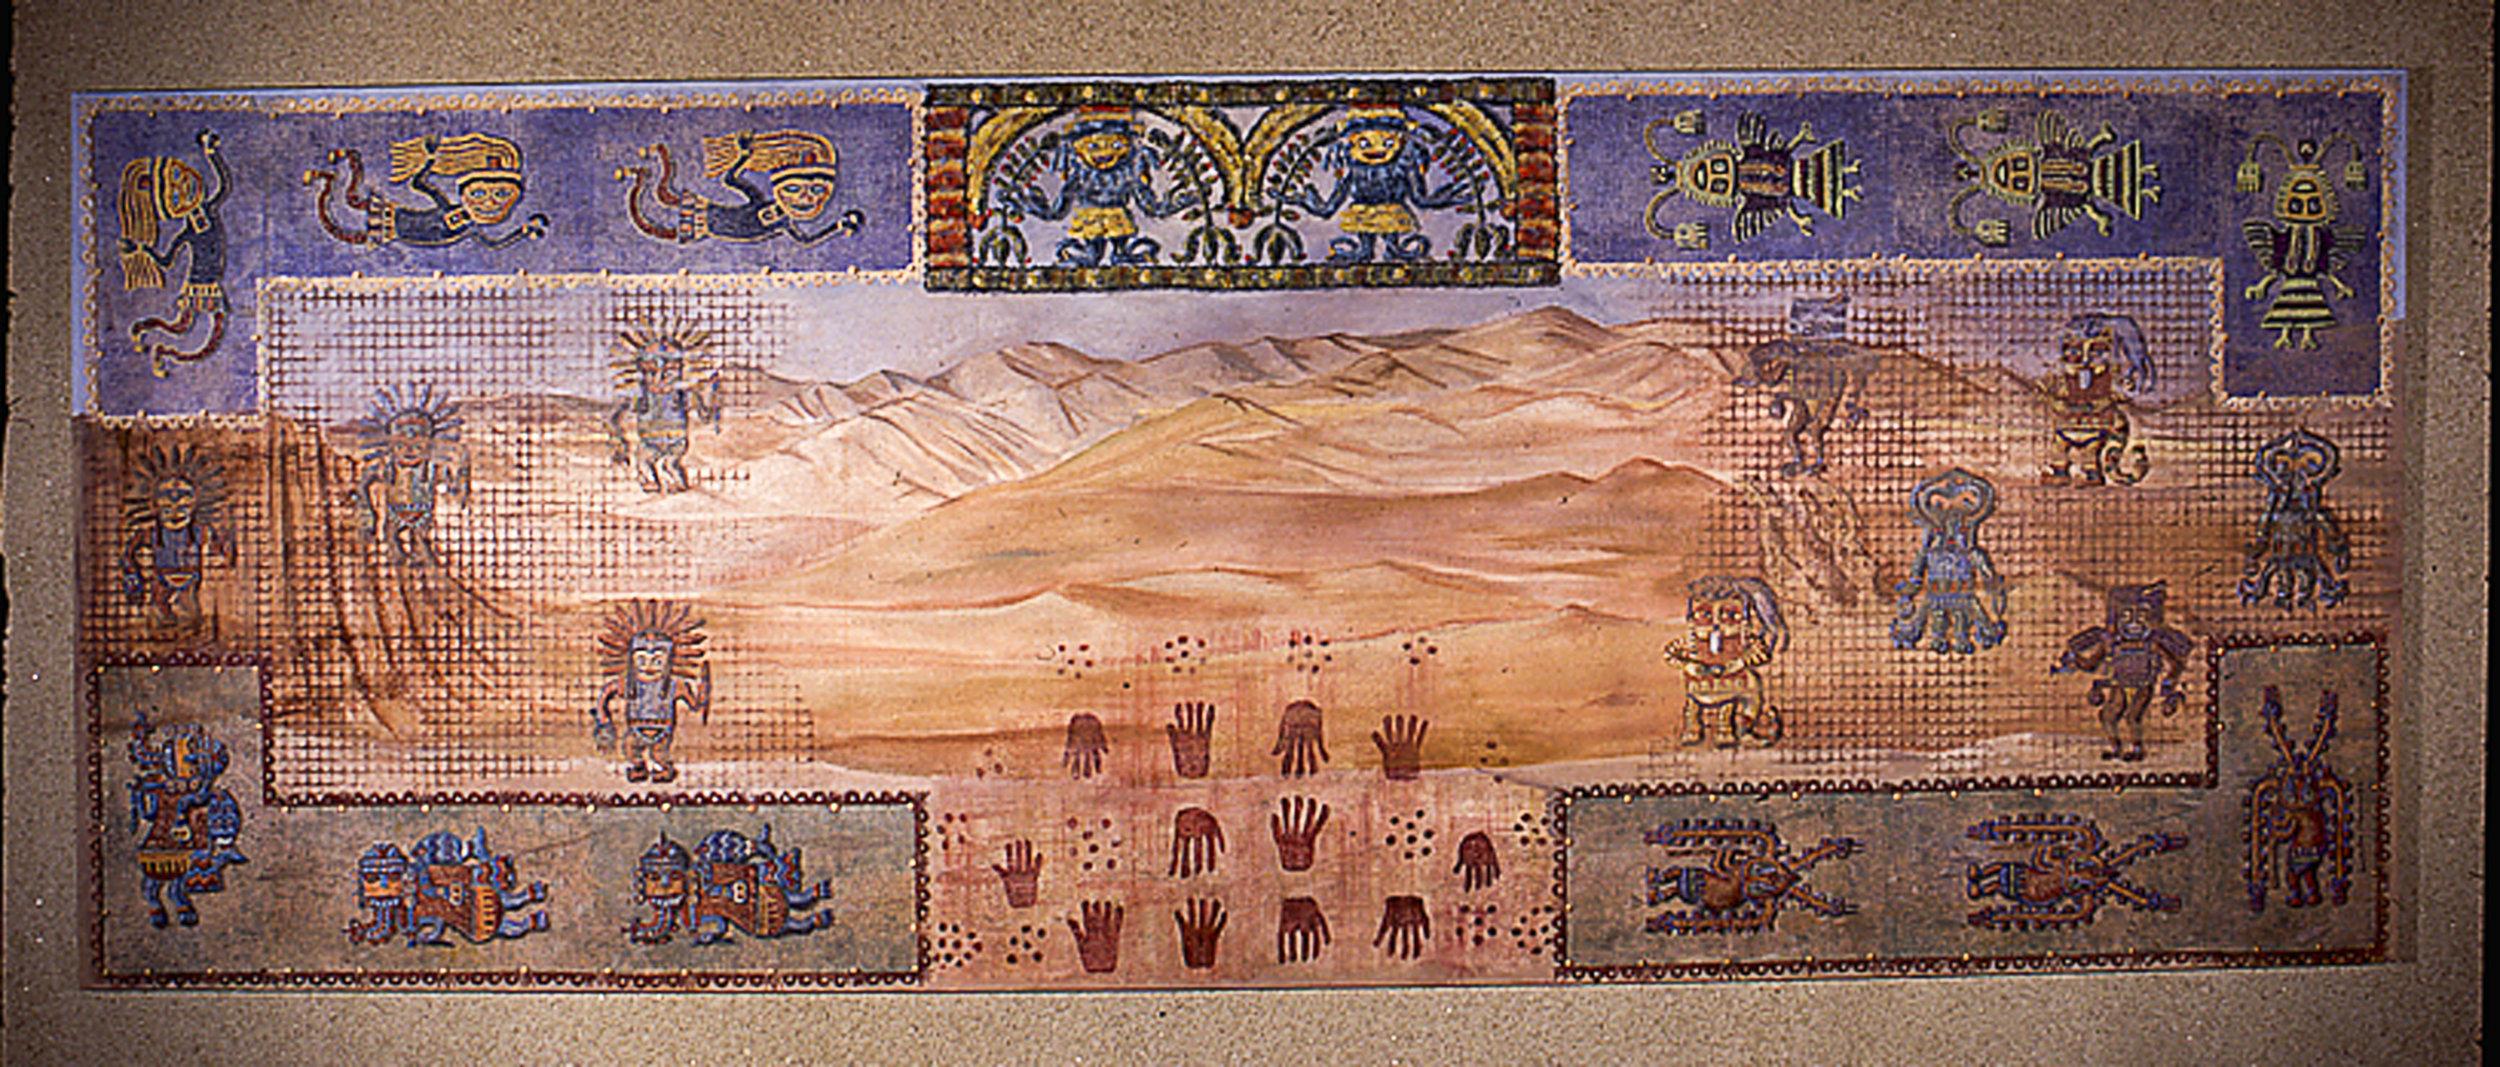 Mural representing the desert